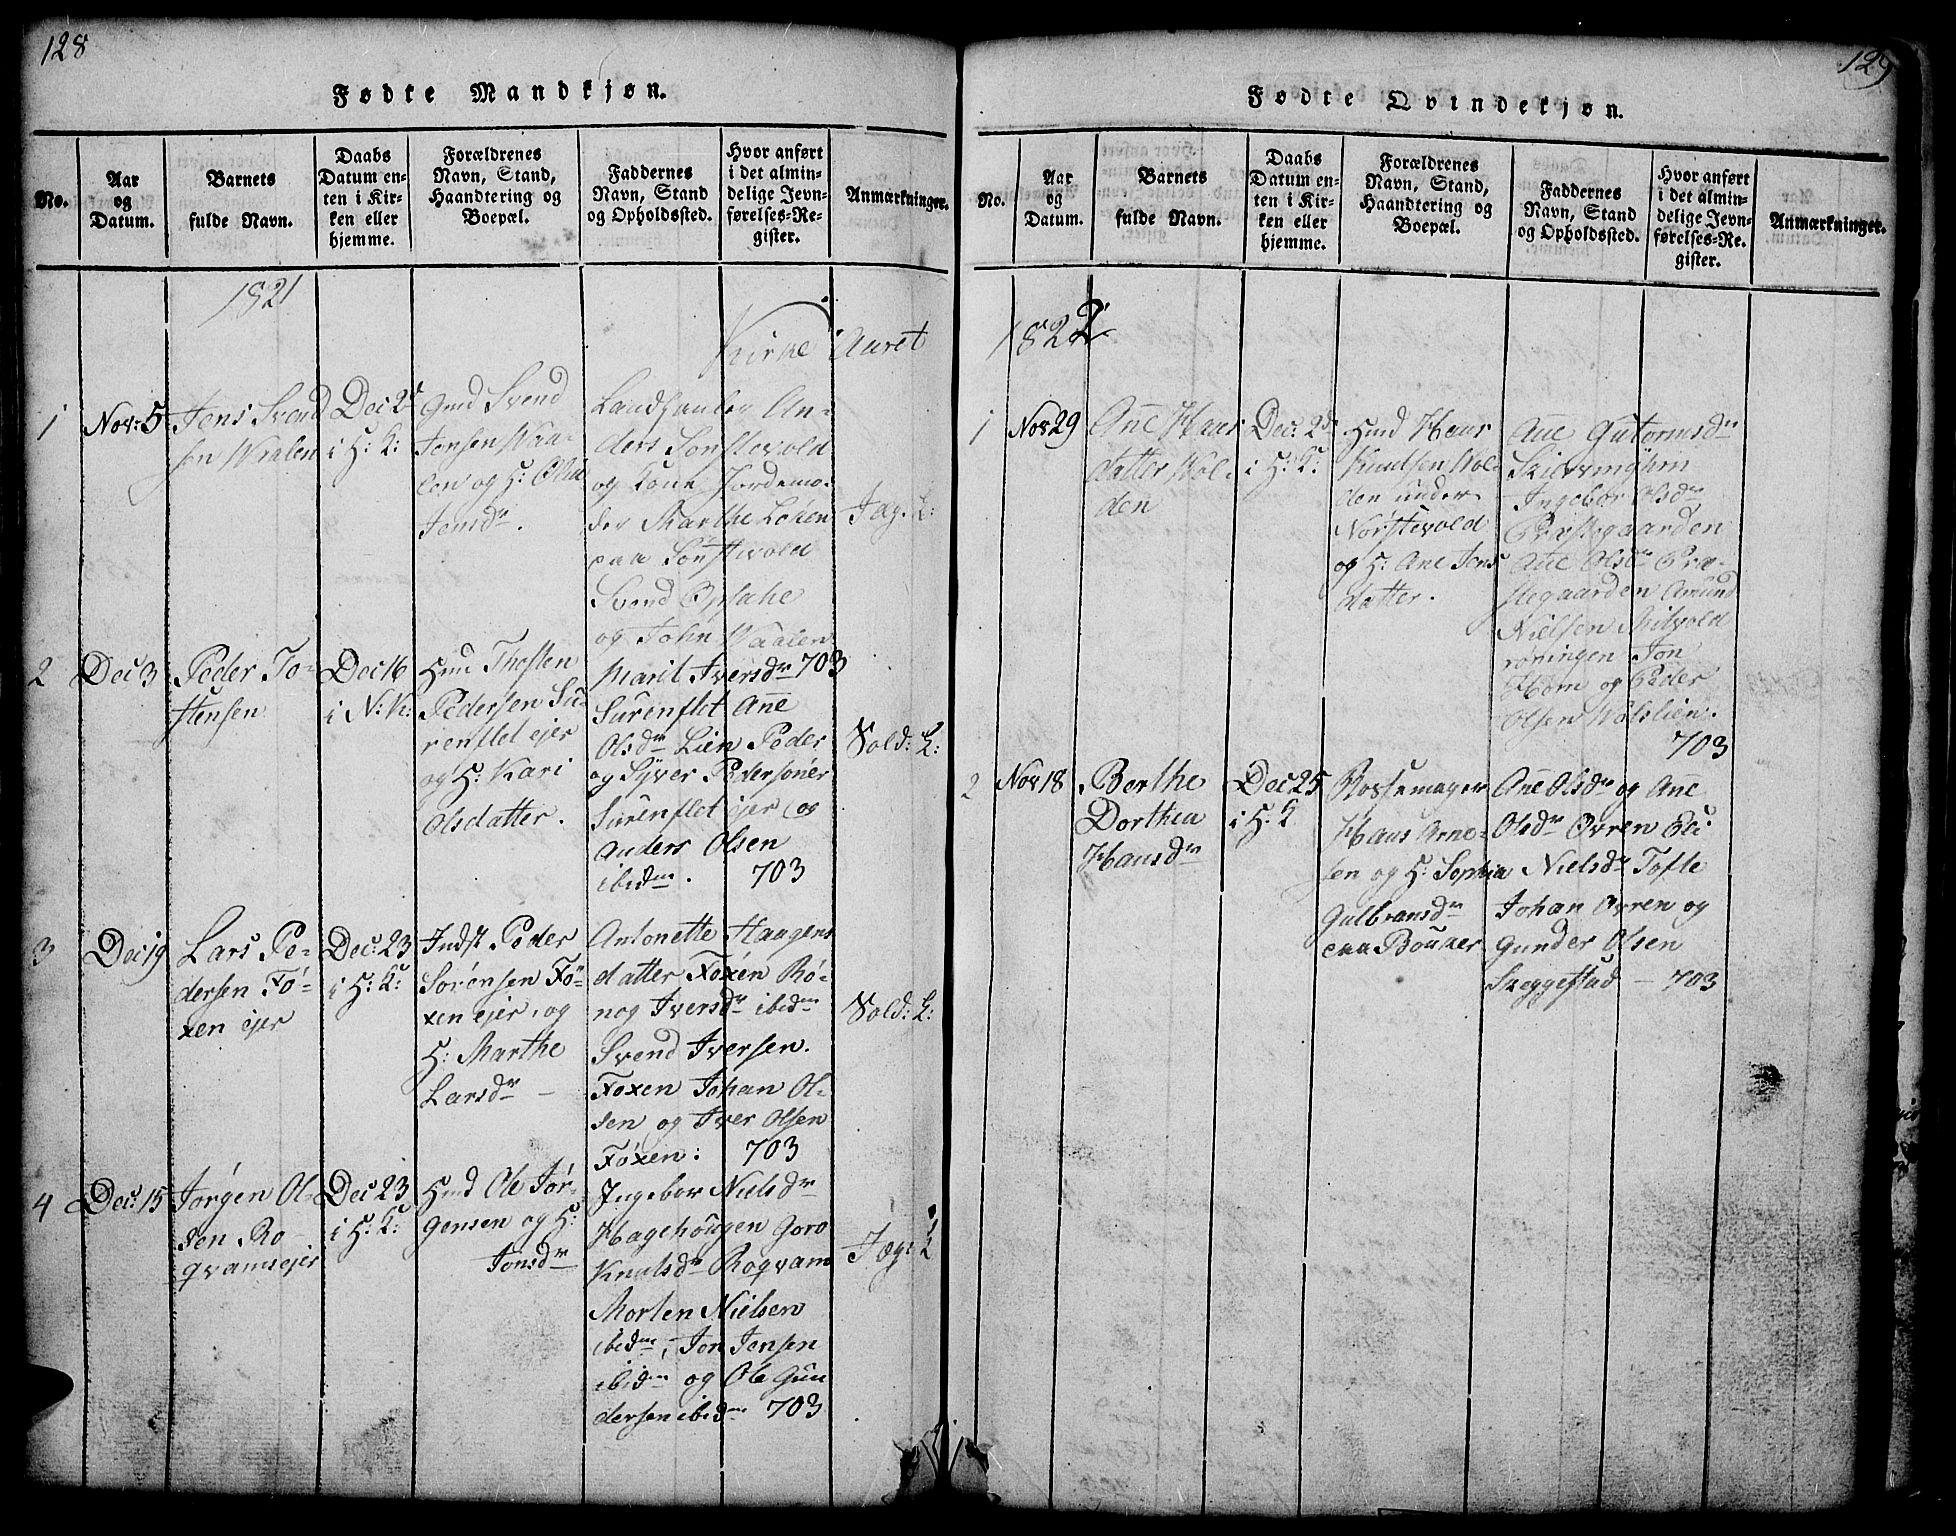 SAH, Gausdal prestekontor, Klokkerbok nr. 1, 1817-1848, s. 128-129